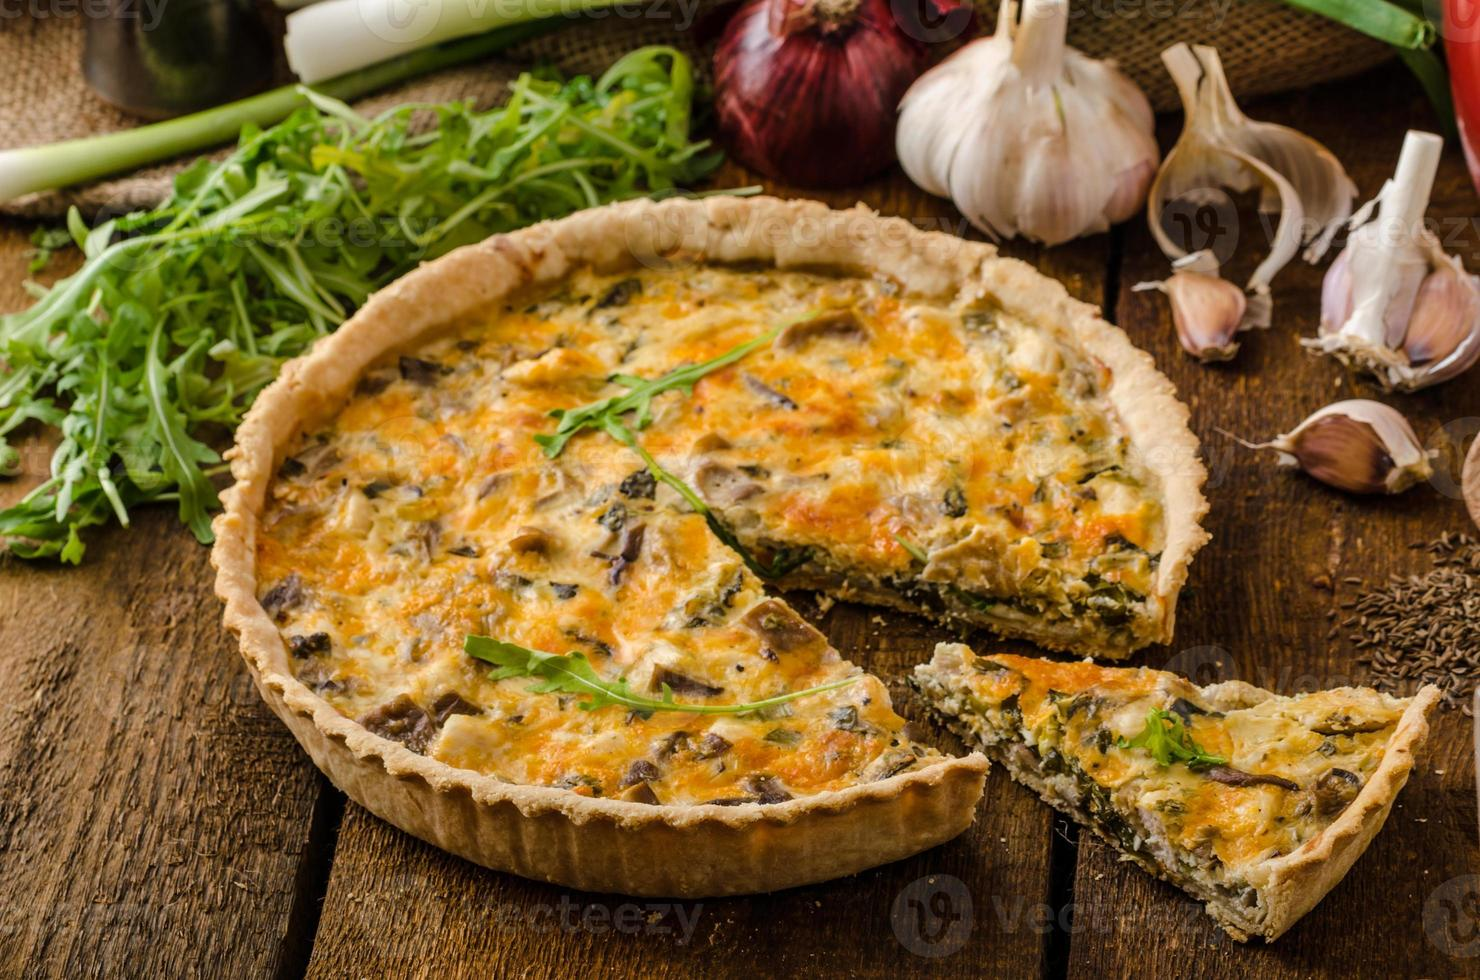 uma quiche de queijo com frango, rúcula e alho em uma mesa foto